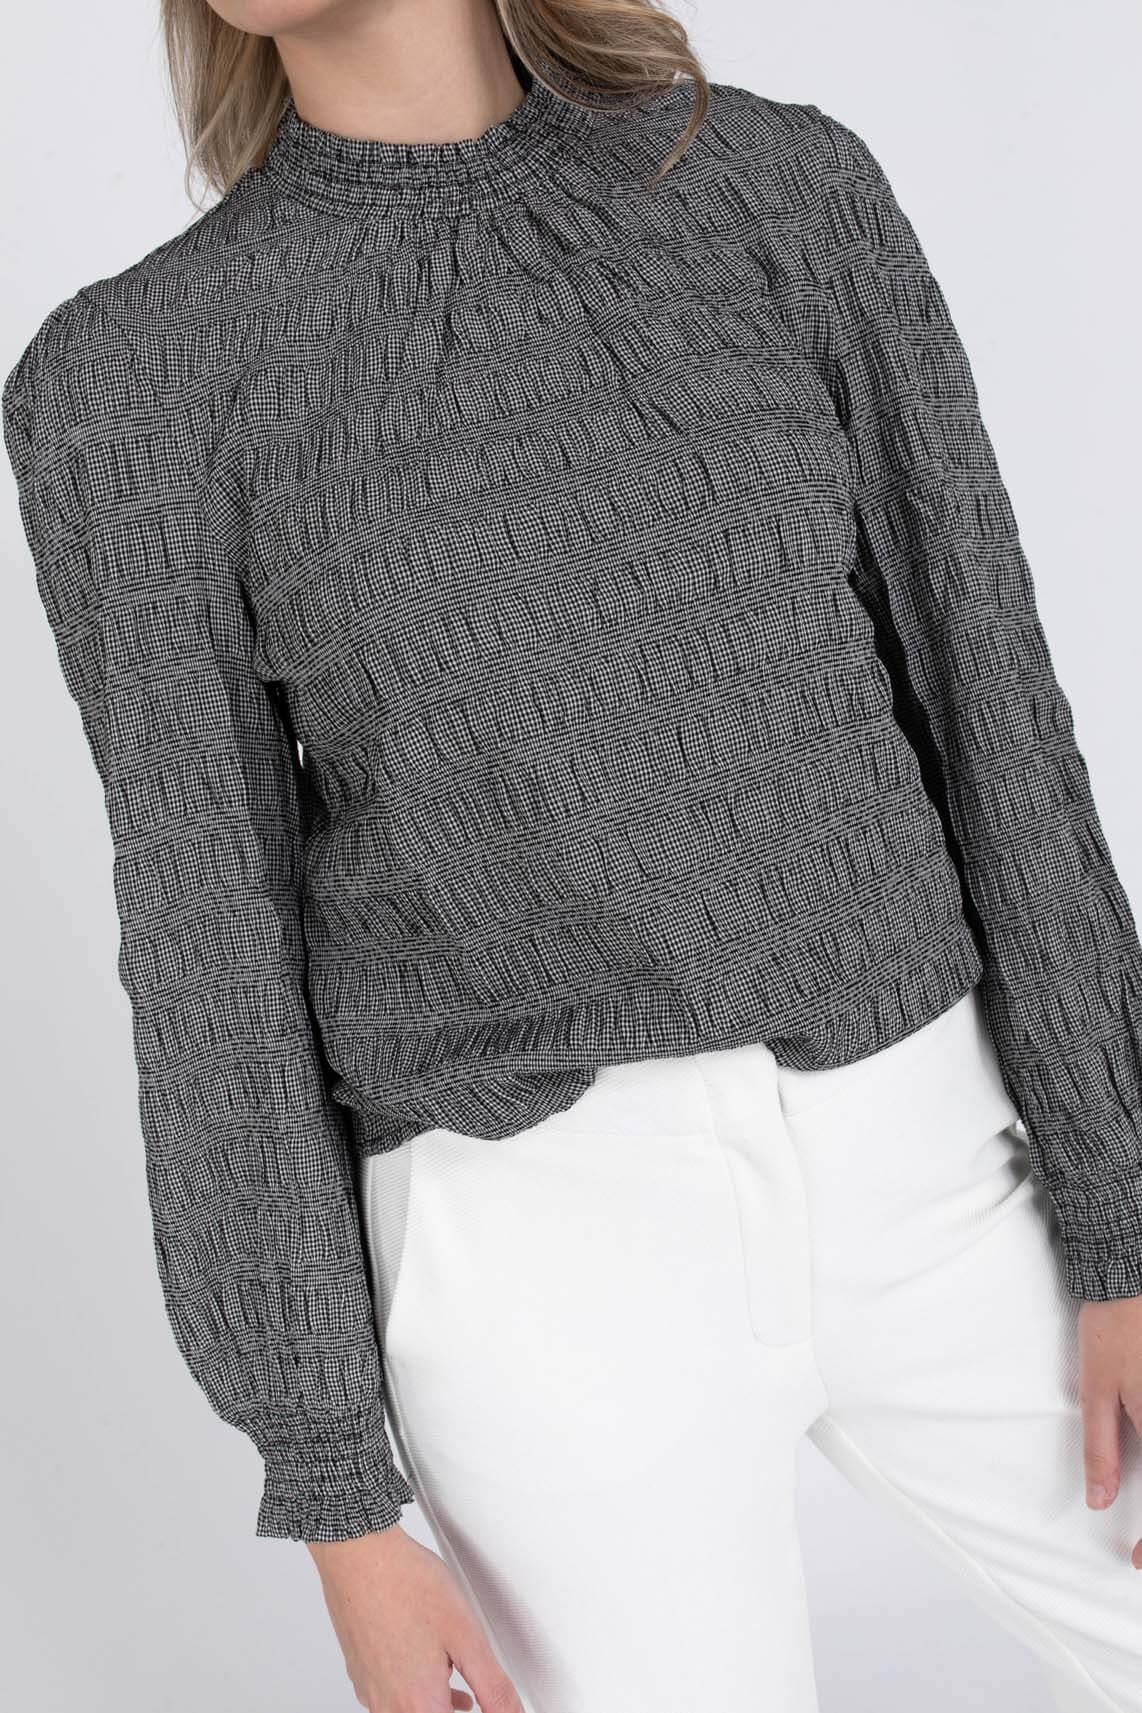 Geisha Dames Pied-de-poule blouse Zwart